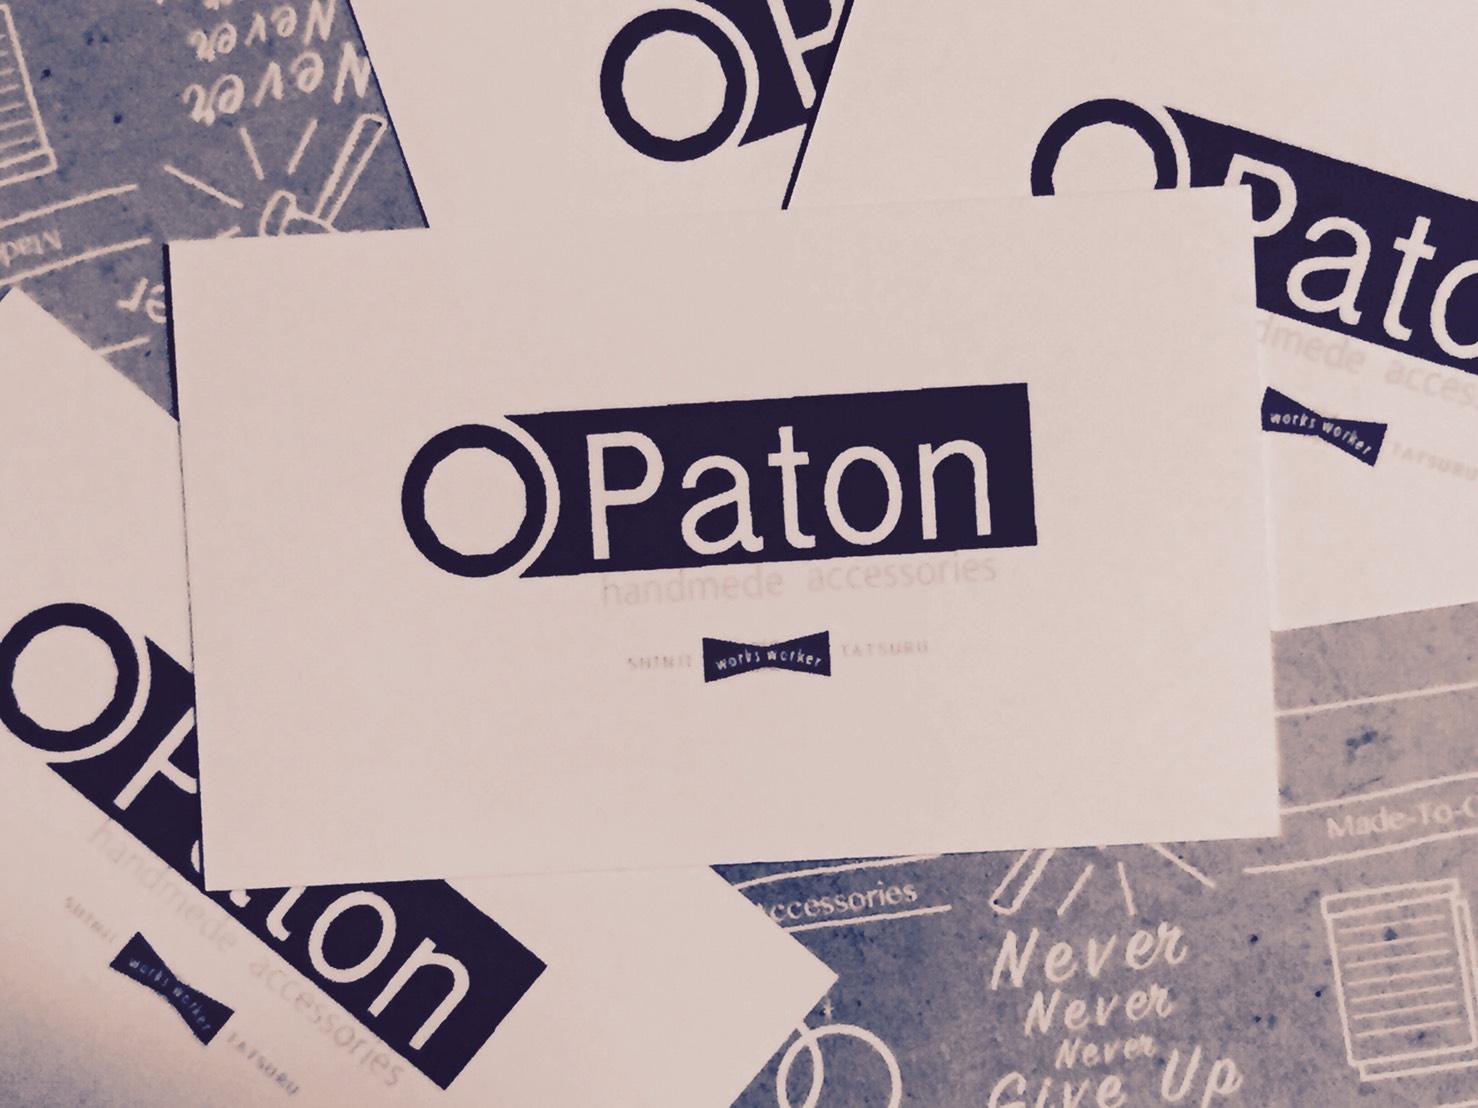 PATONてなぁに?